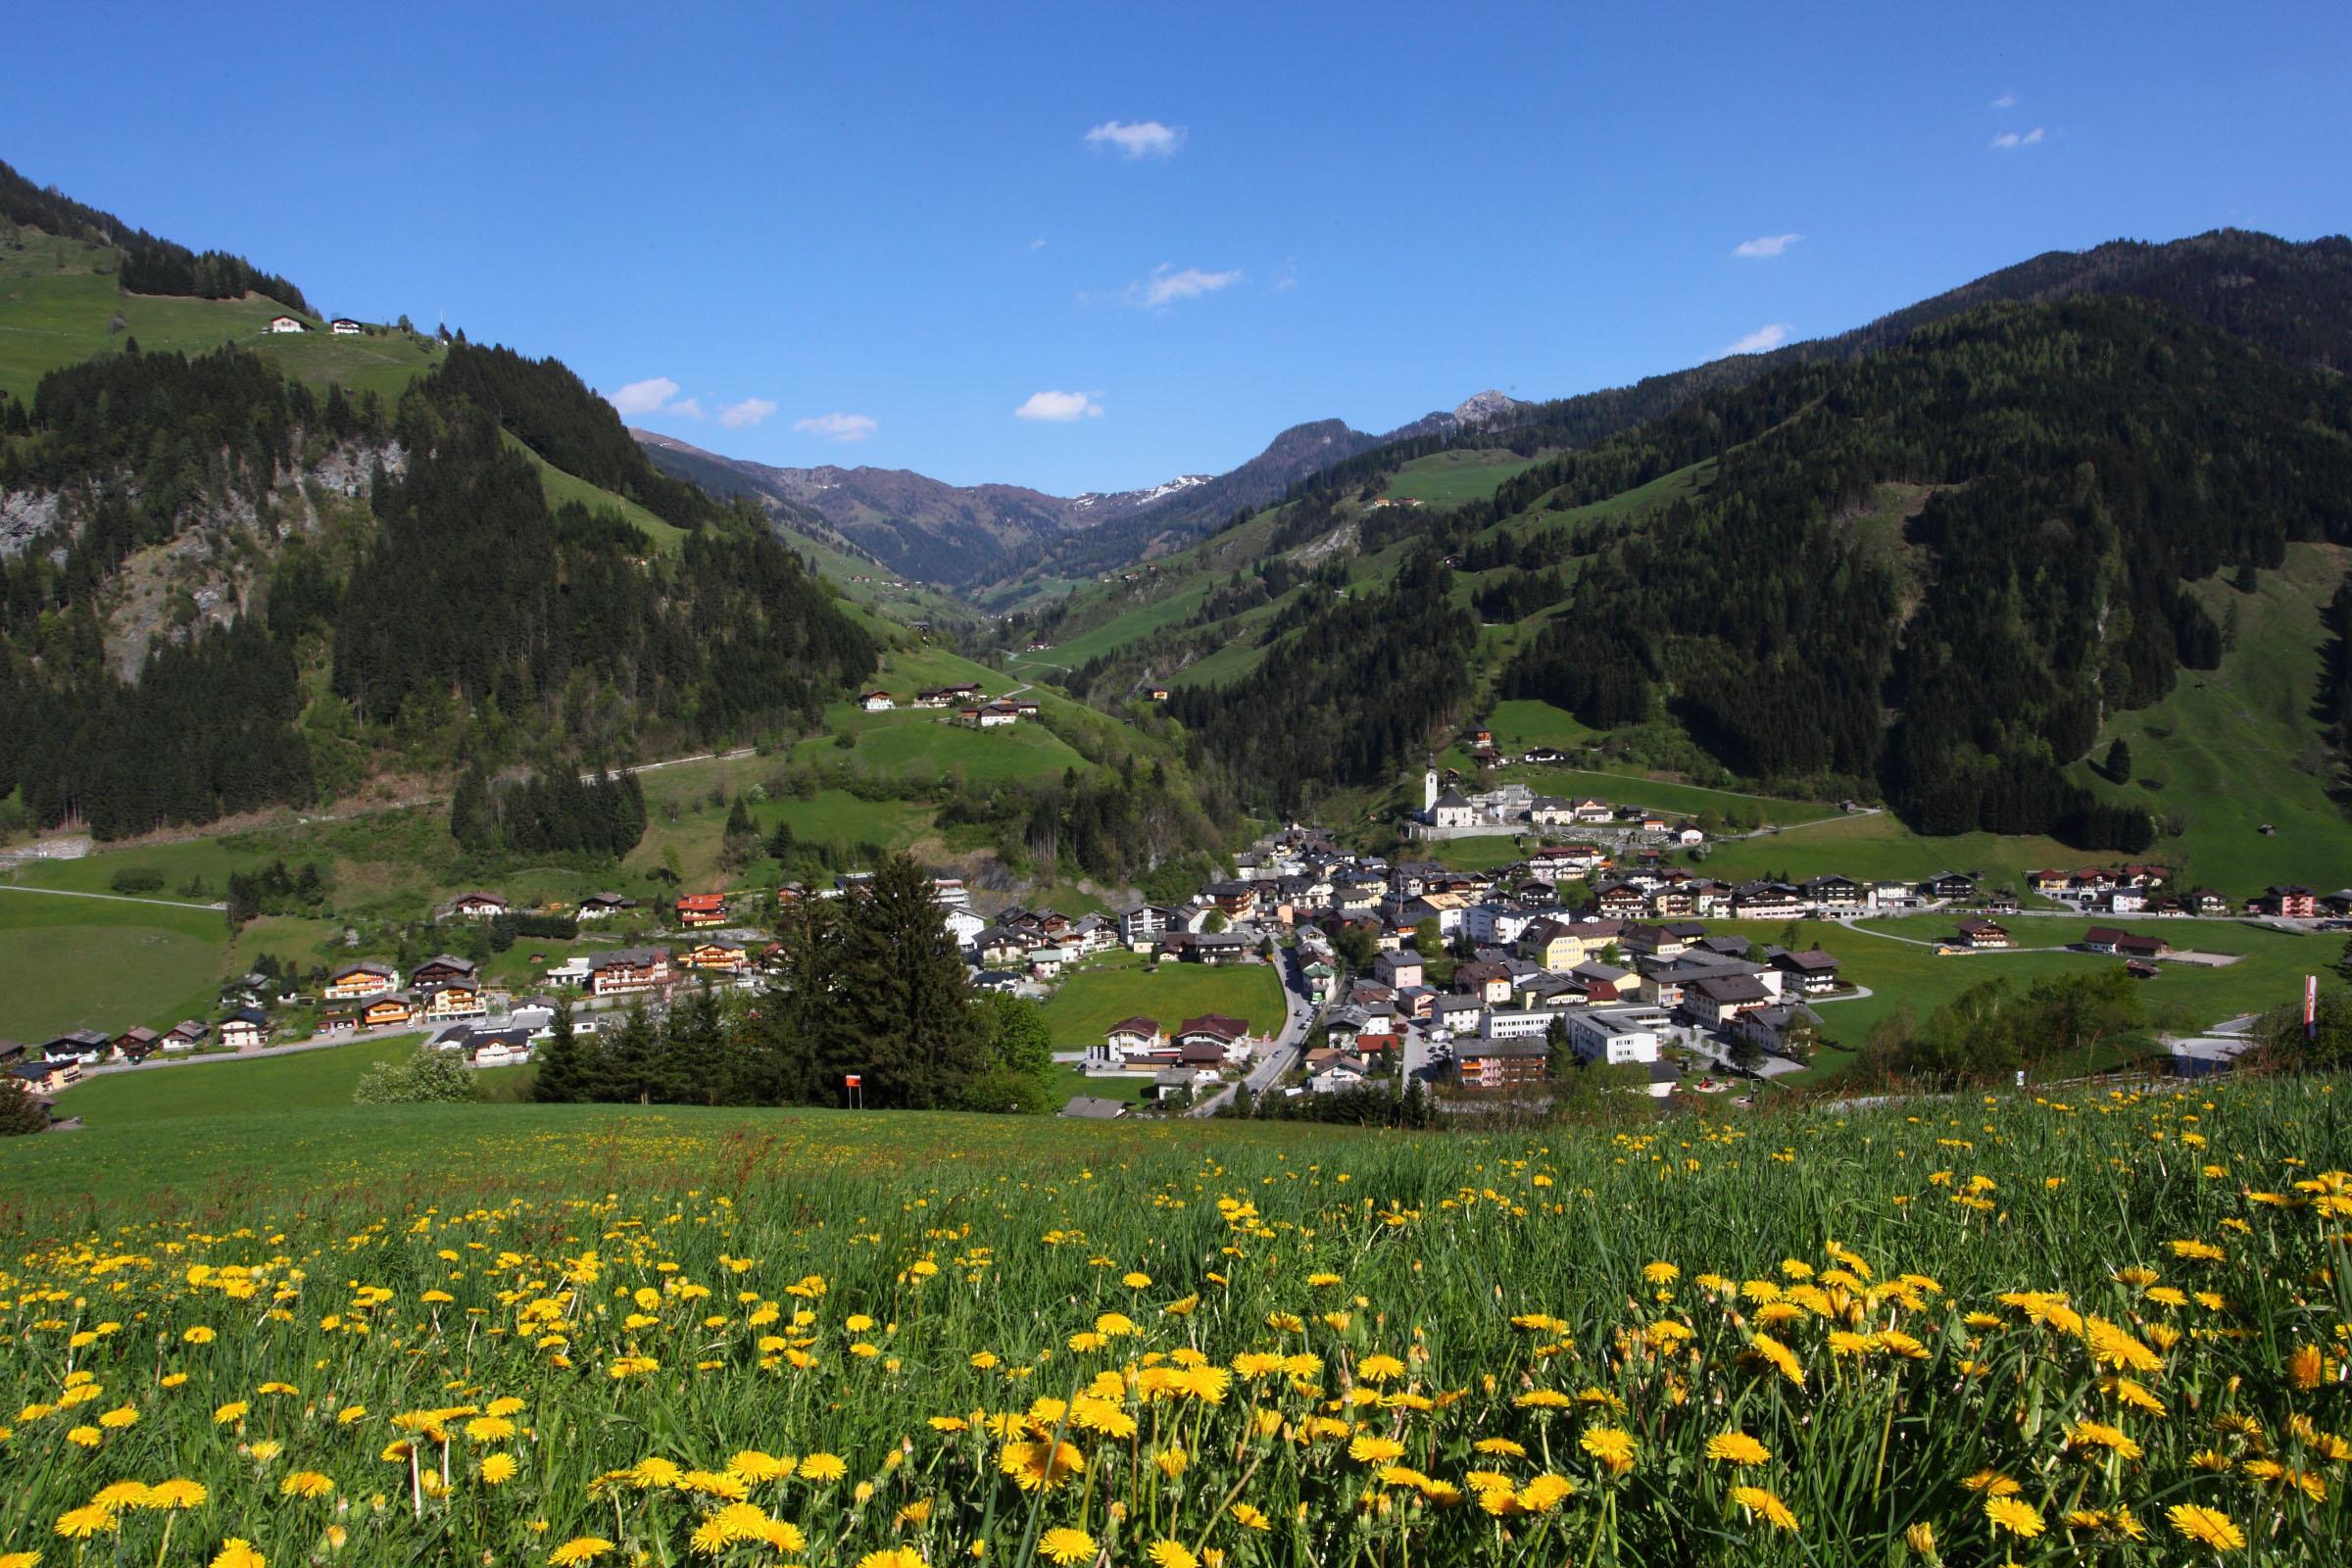 ferienhaus-grabenhaeusl-grossarl-fruehling-ortsansicht